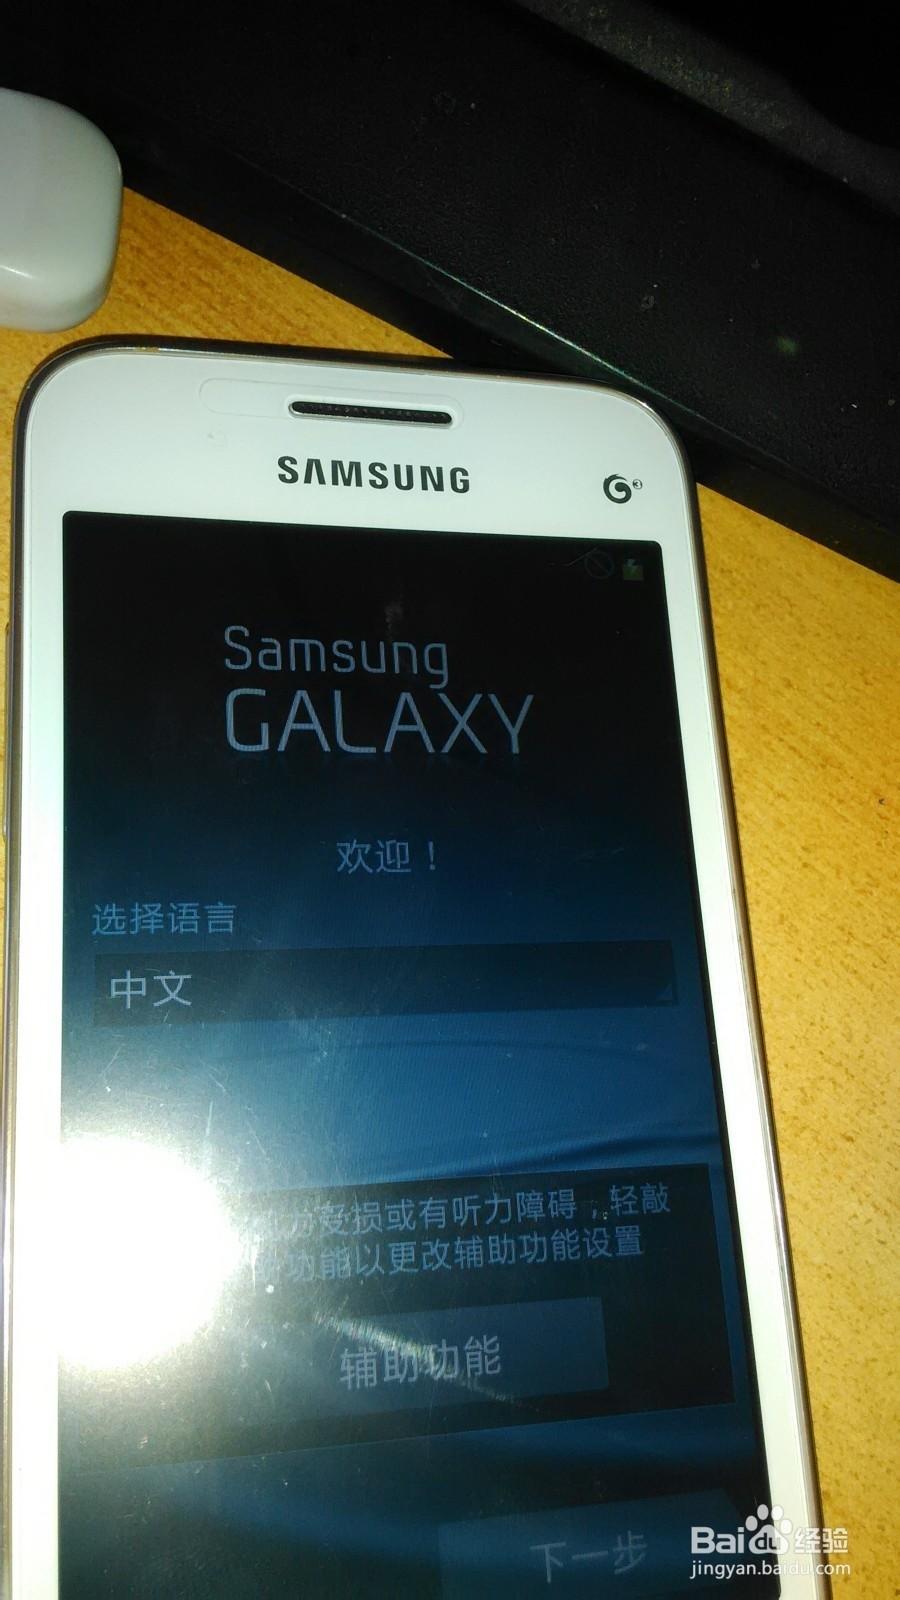 三星手机sm-g3508i解锁数字图案锁pin锁密码定屏